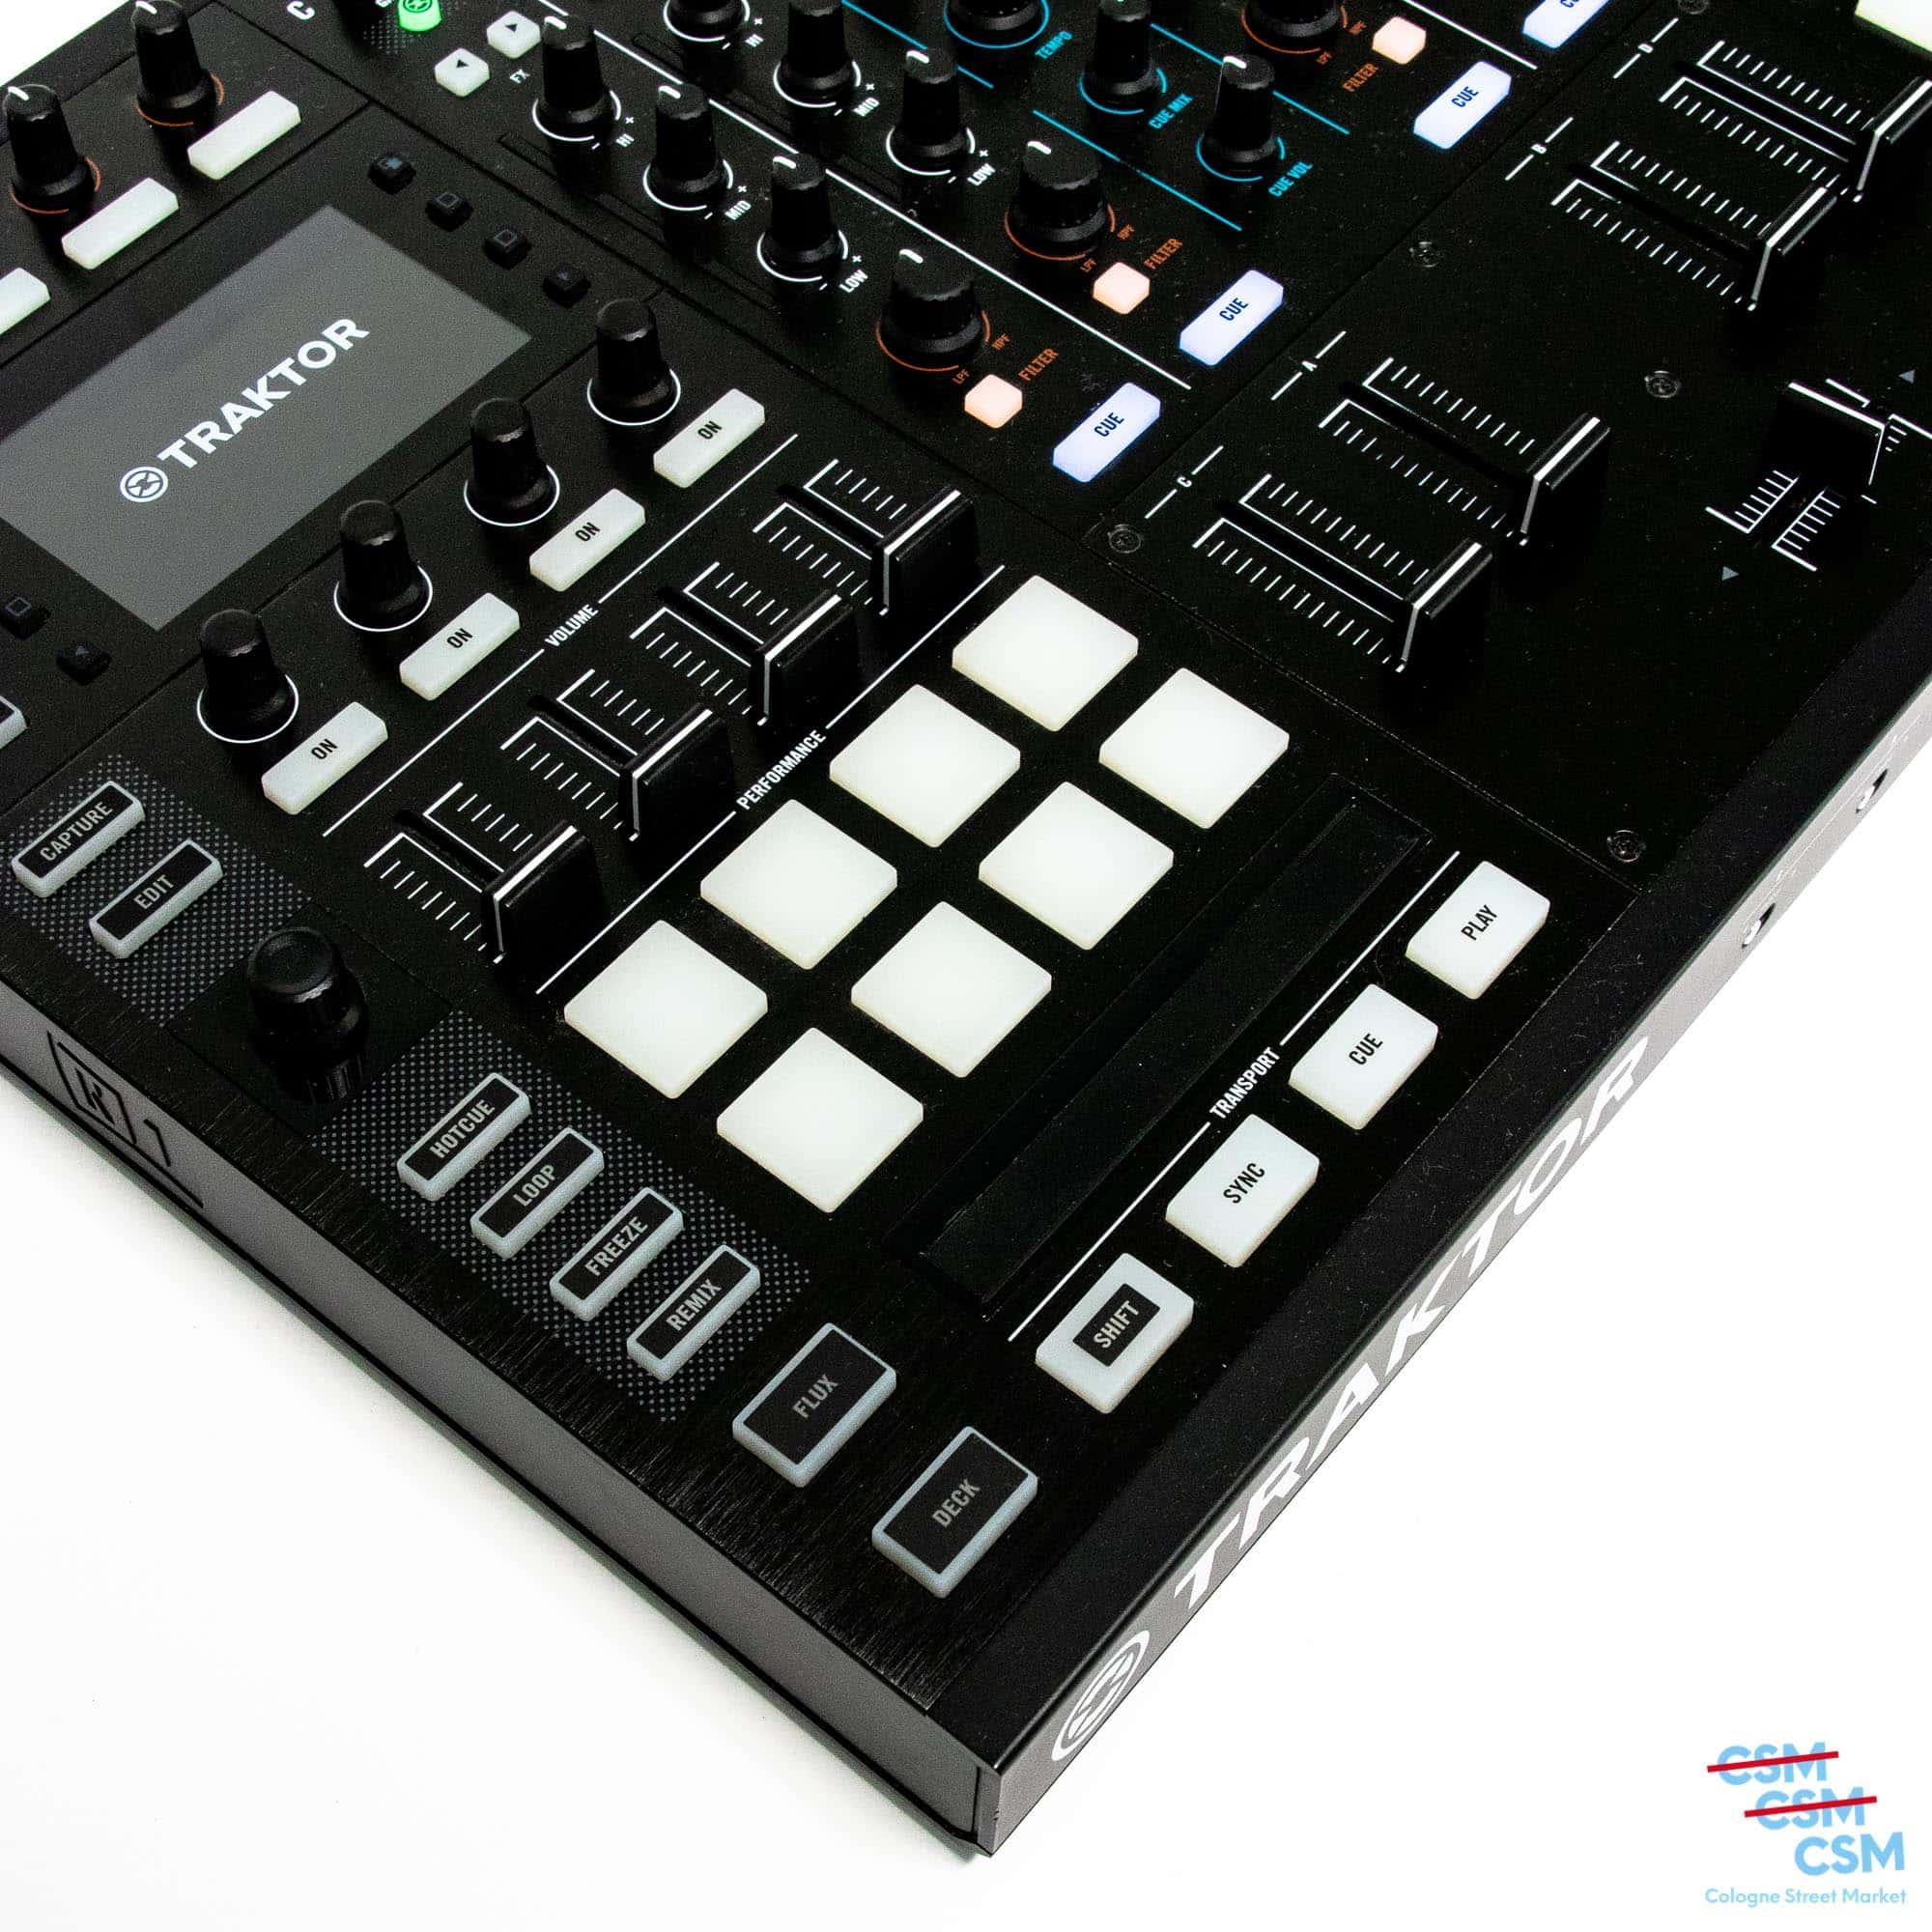 Gebraucht-kaufen-native-instruments-s8-06